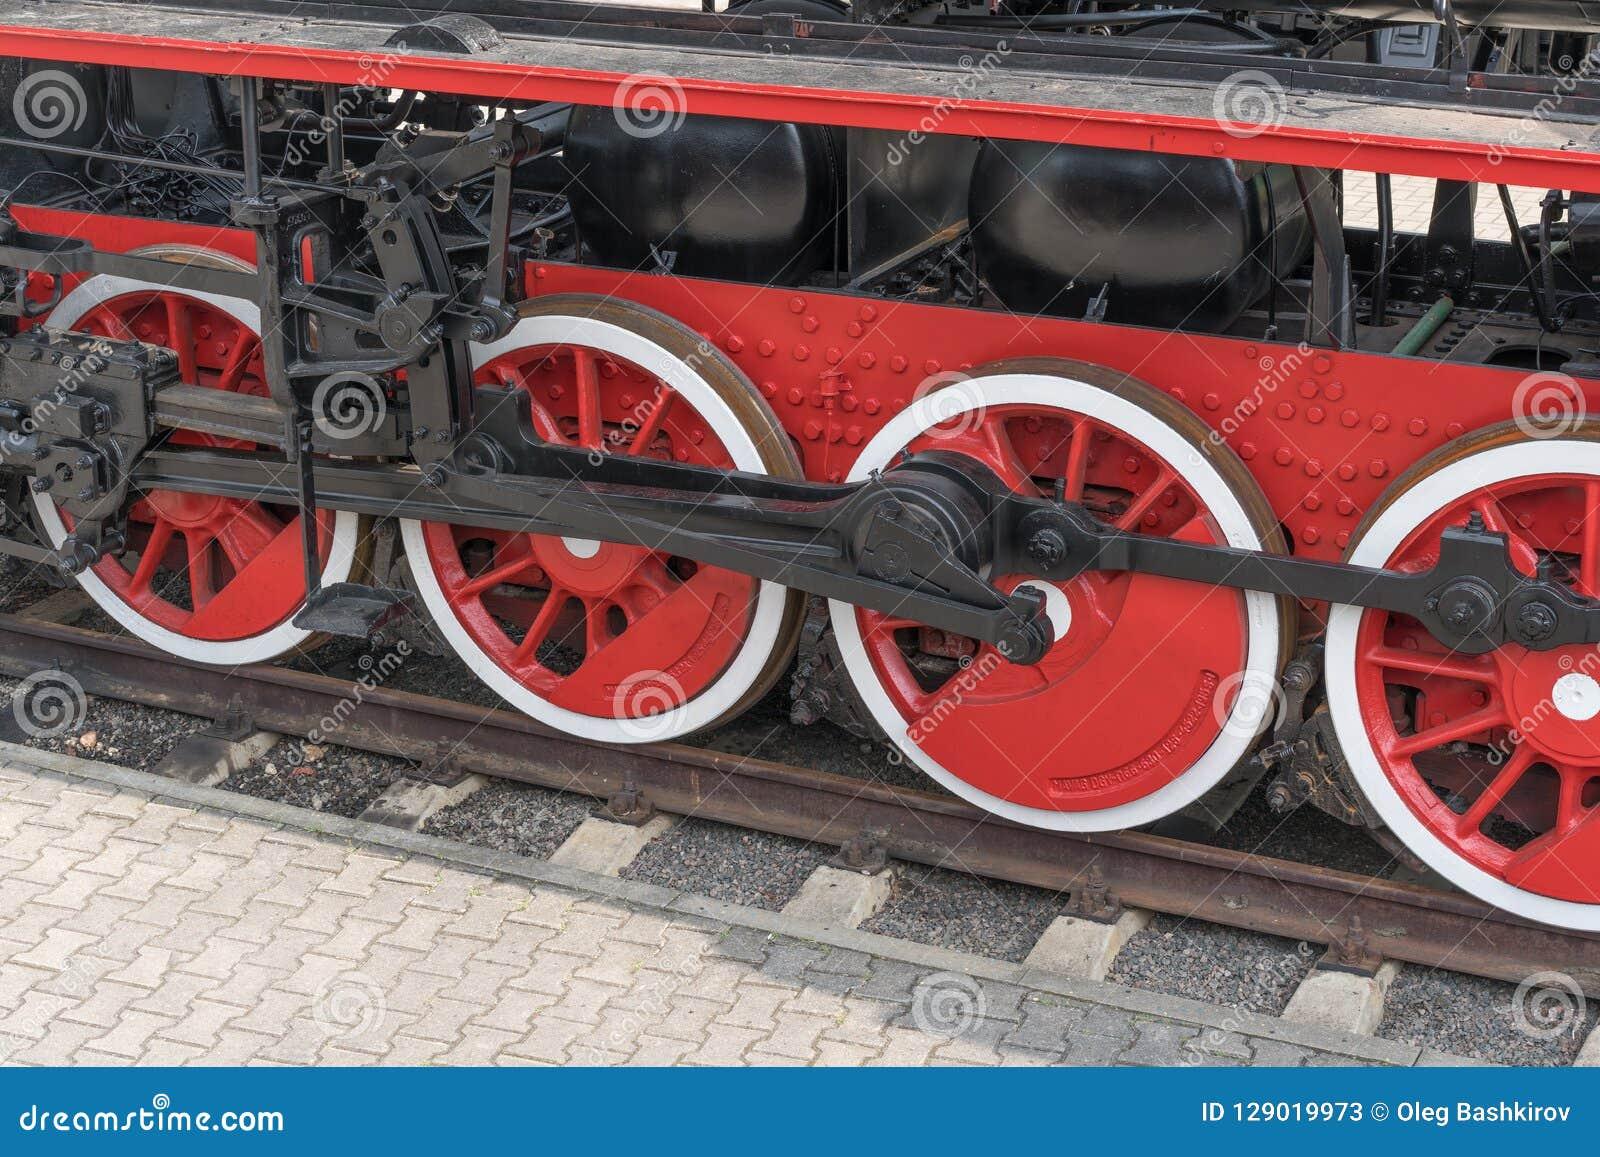 Det gamla ångadrevet rullar att att närma sig, närbild Svart och röda hjul Stänger och längsgående stödbjälke